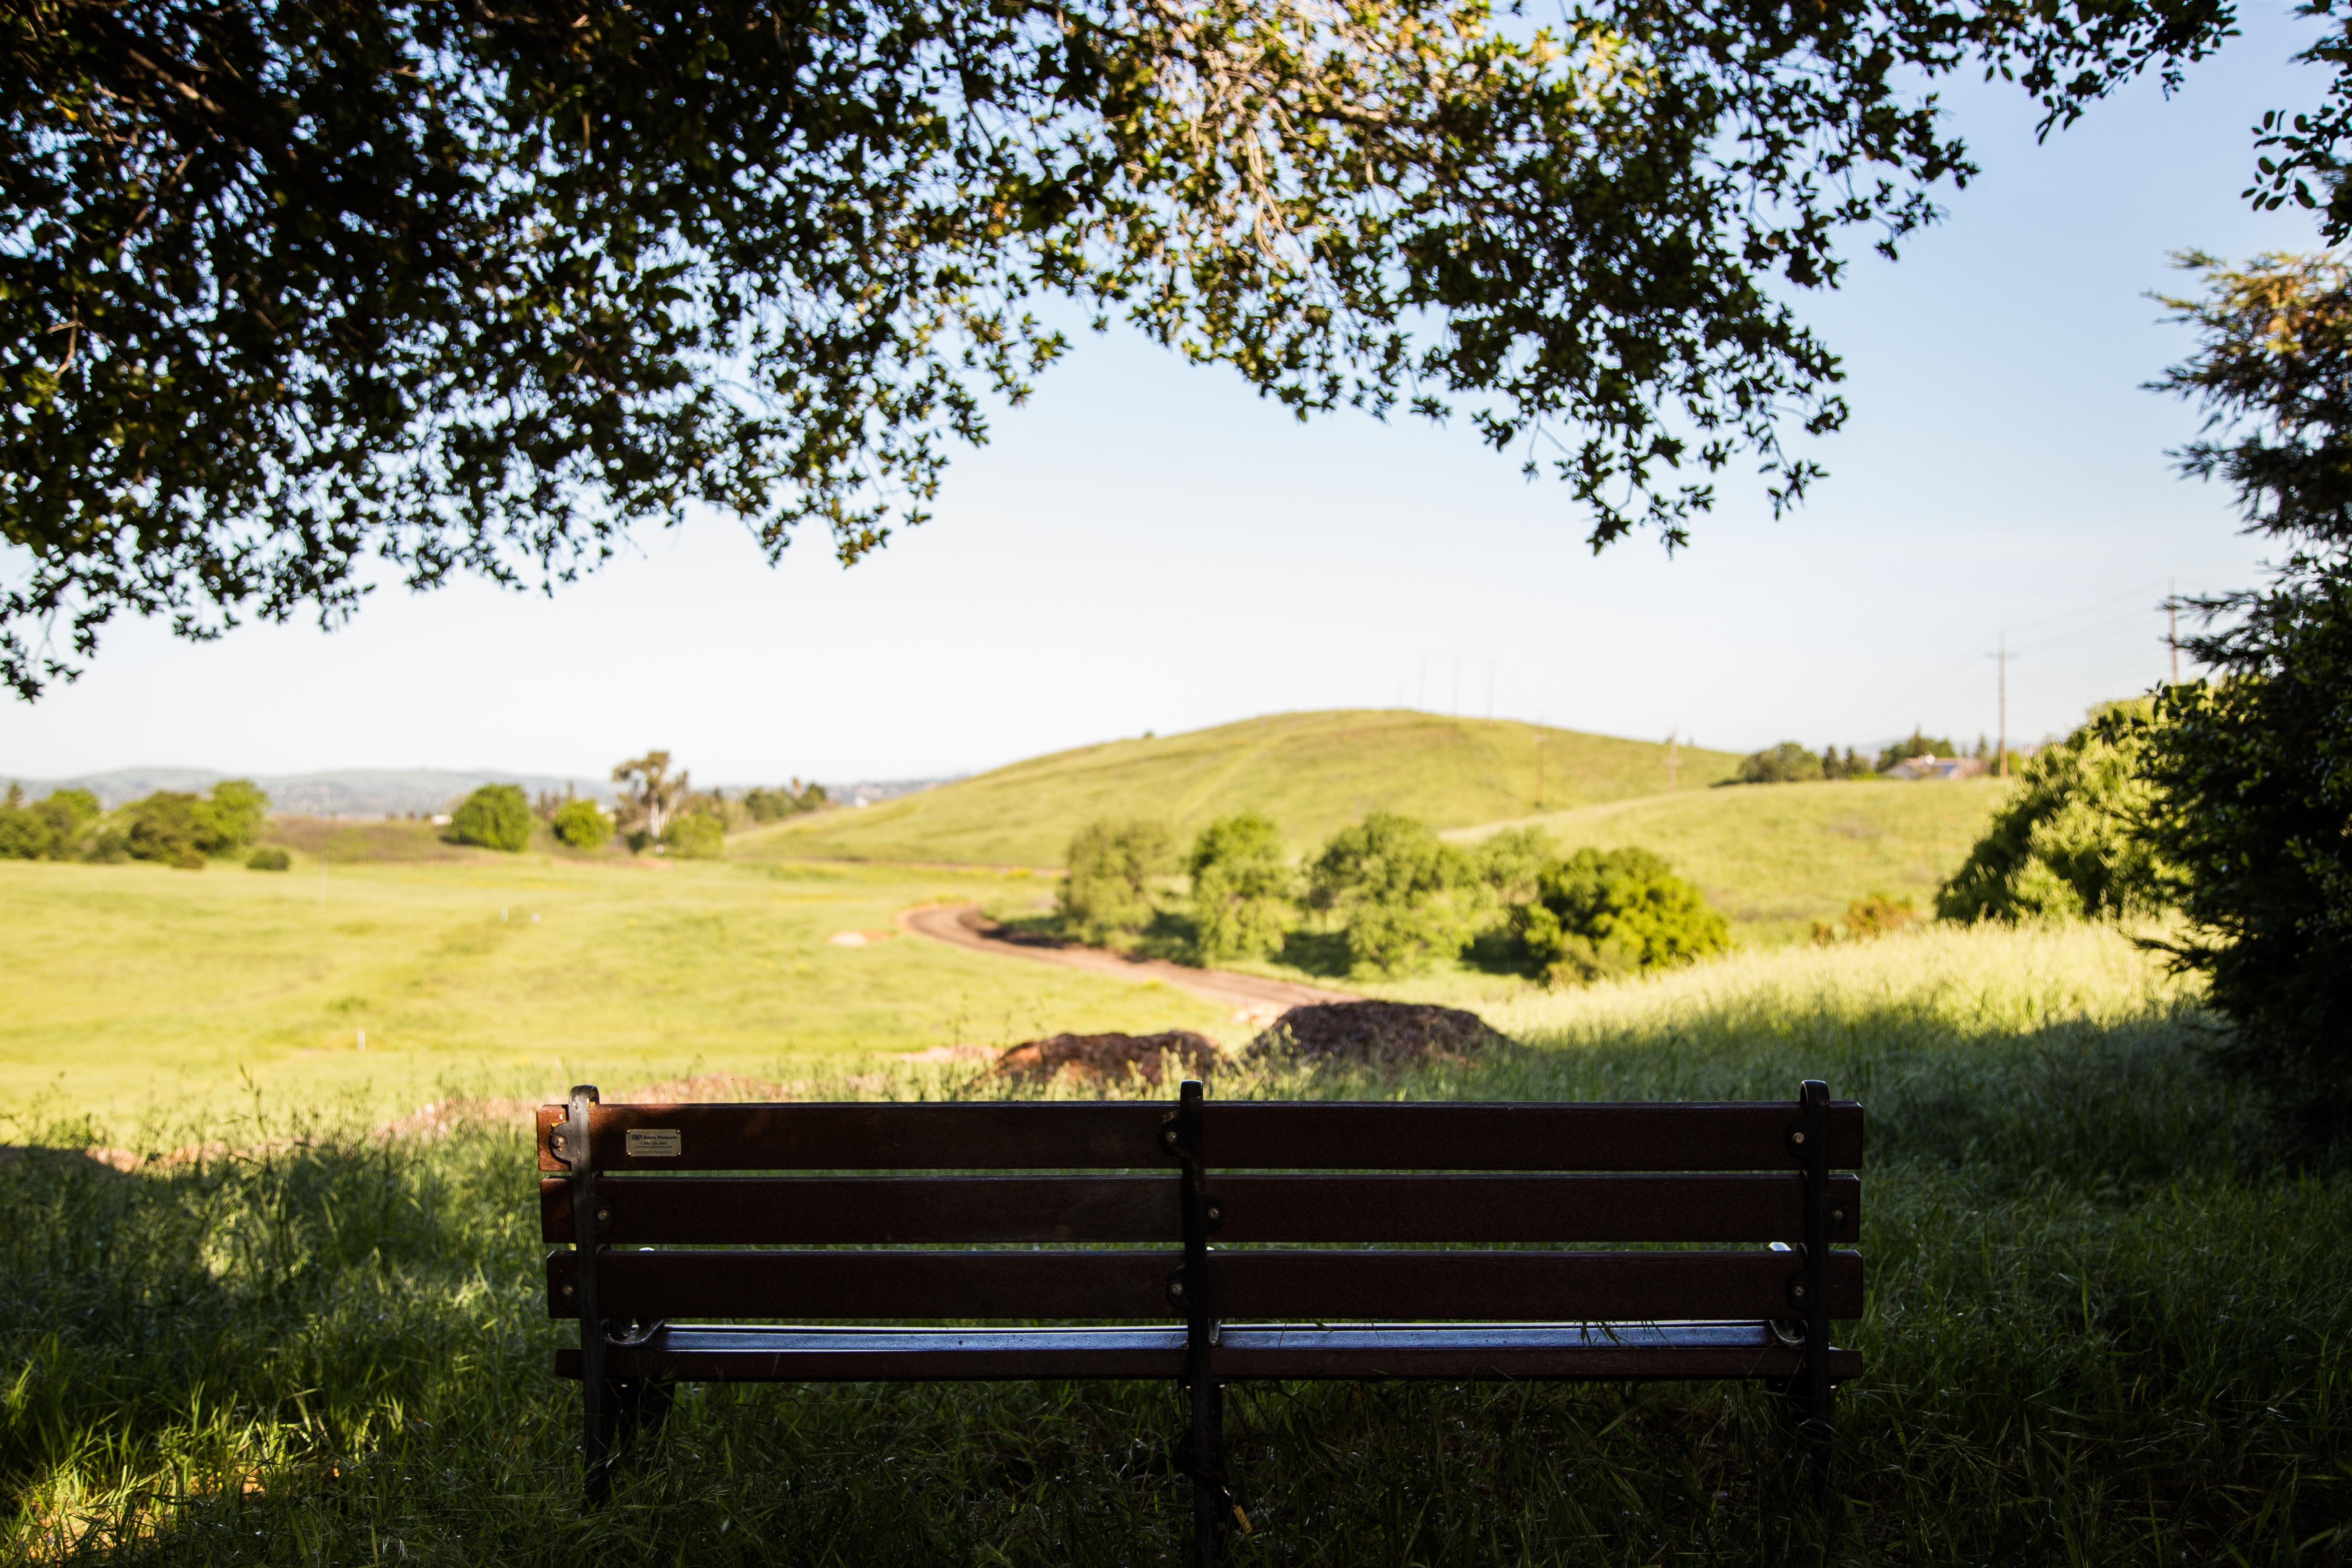 Bench overlooking open space